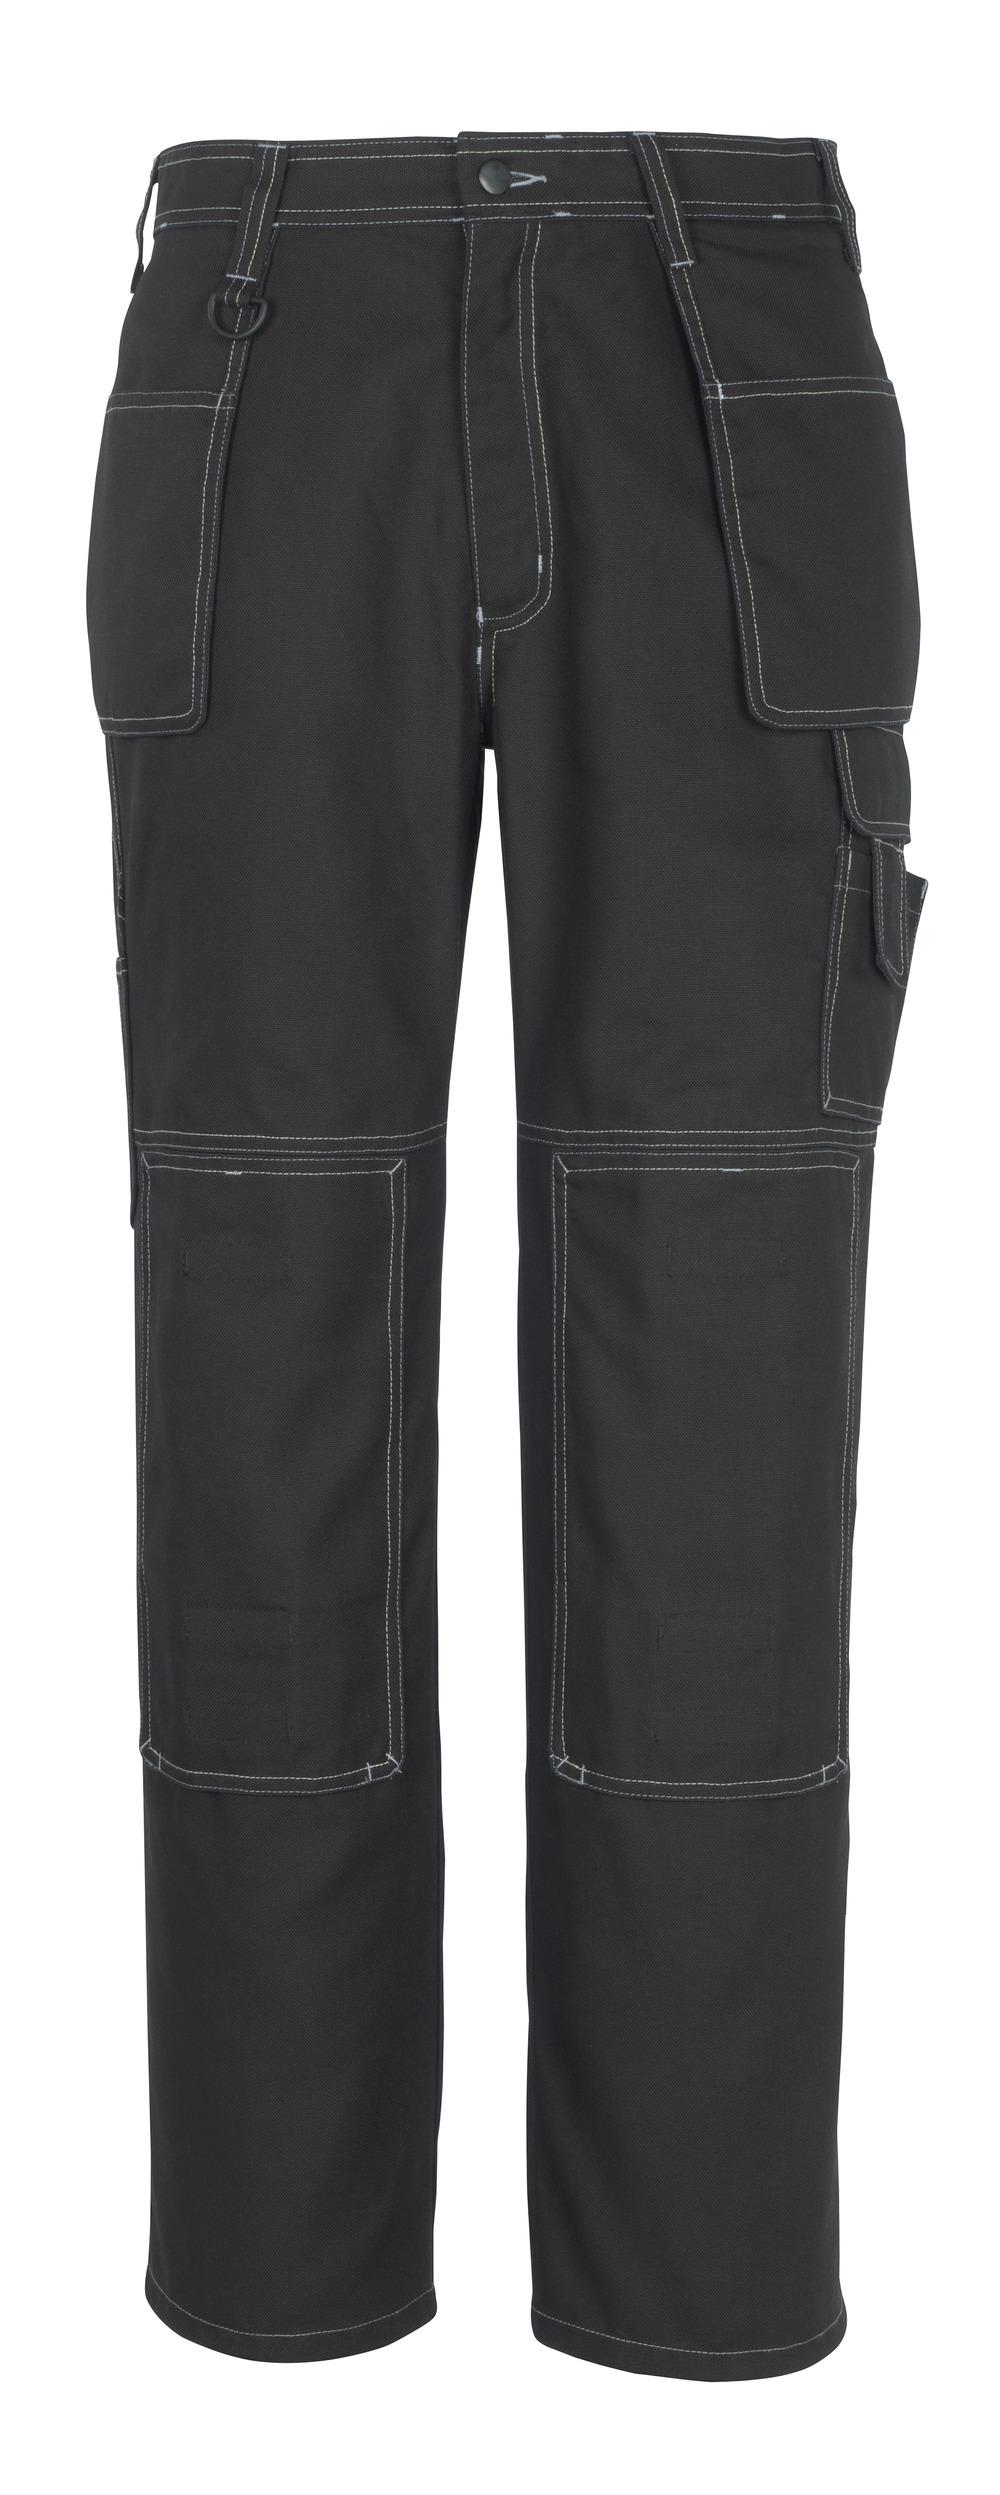 50194-884-09 Pantalones con bolsillos para rodilleras y bolsillos tipo funda - negro